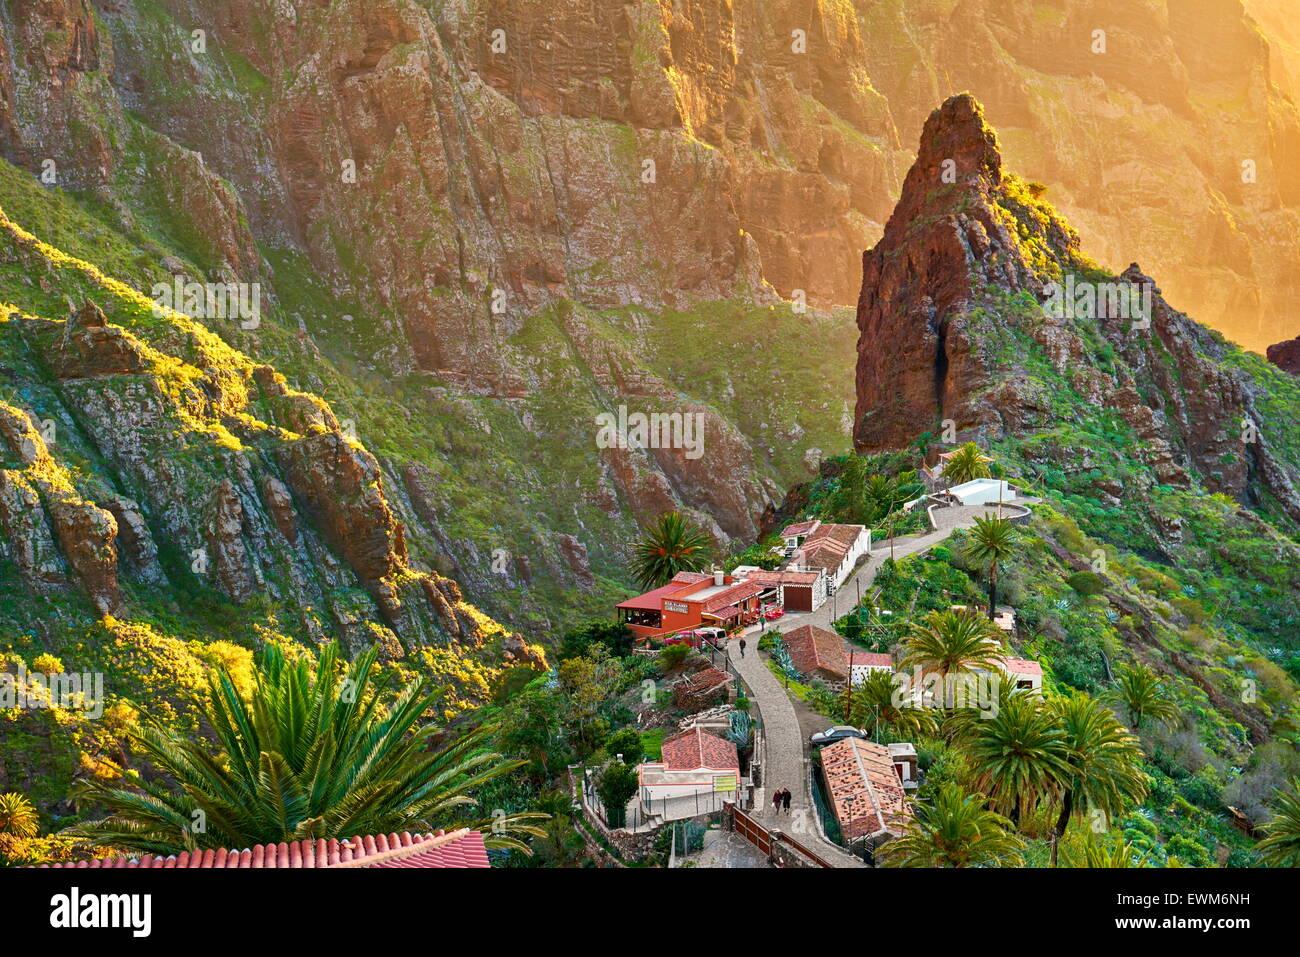 Pueblo de Masca, Tenerife, Islas Canarias, España Imagen De Stock